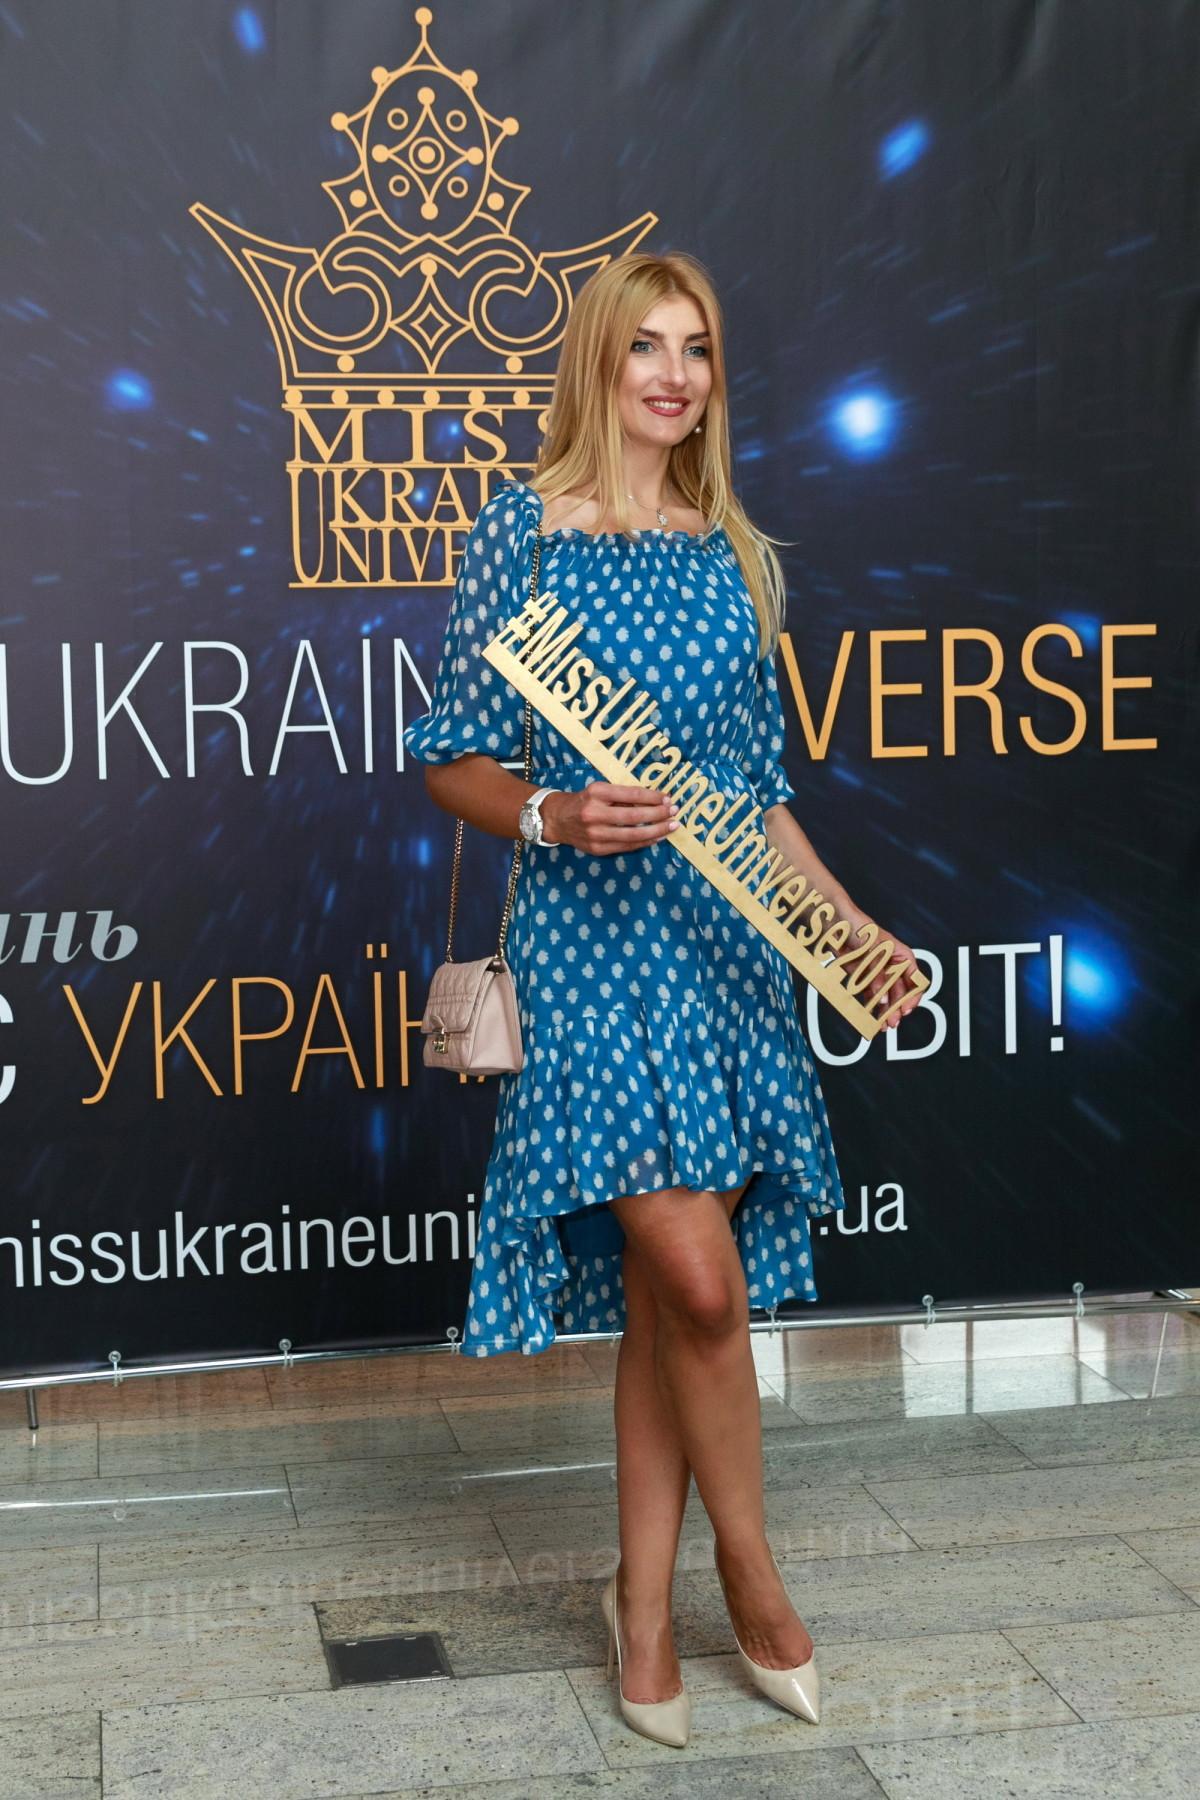 Татьяна Туча на кастинге Miss Ukraine Universe 2017 фото